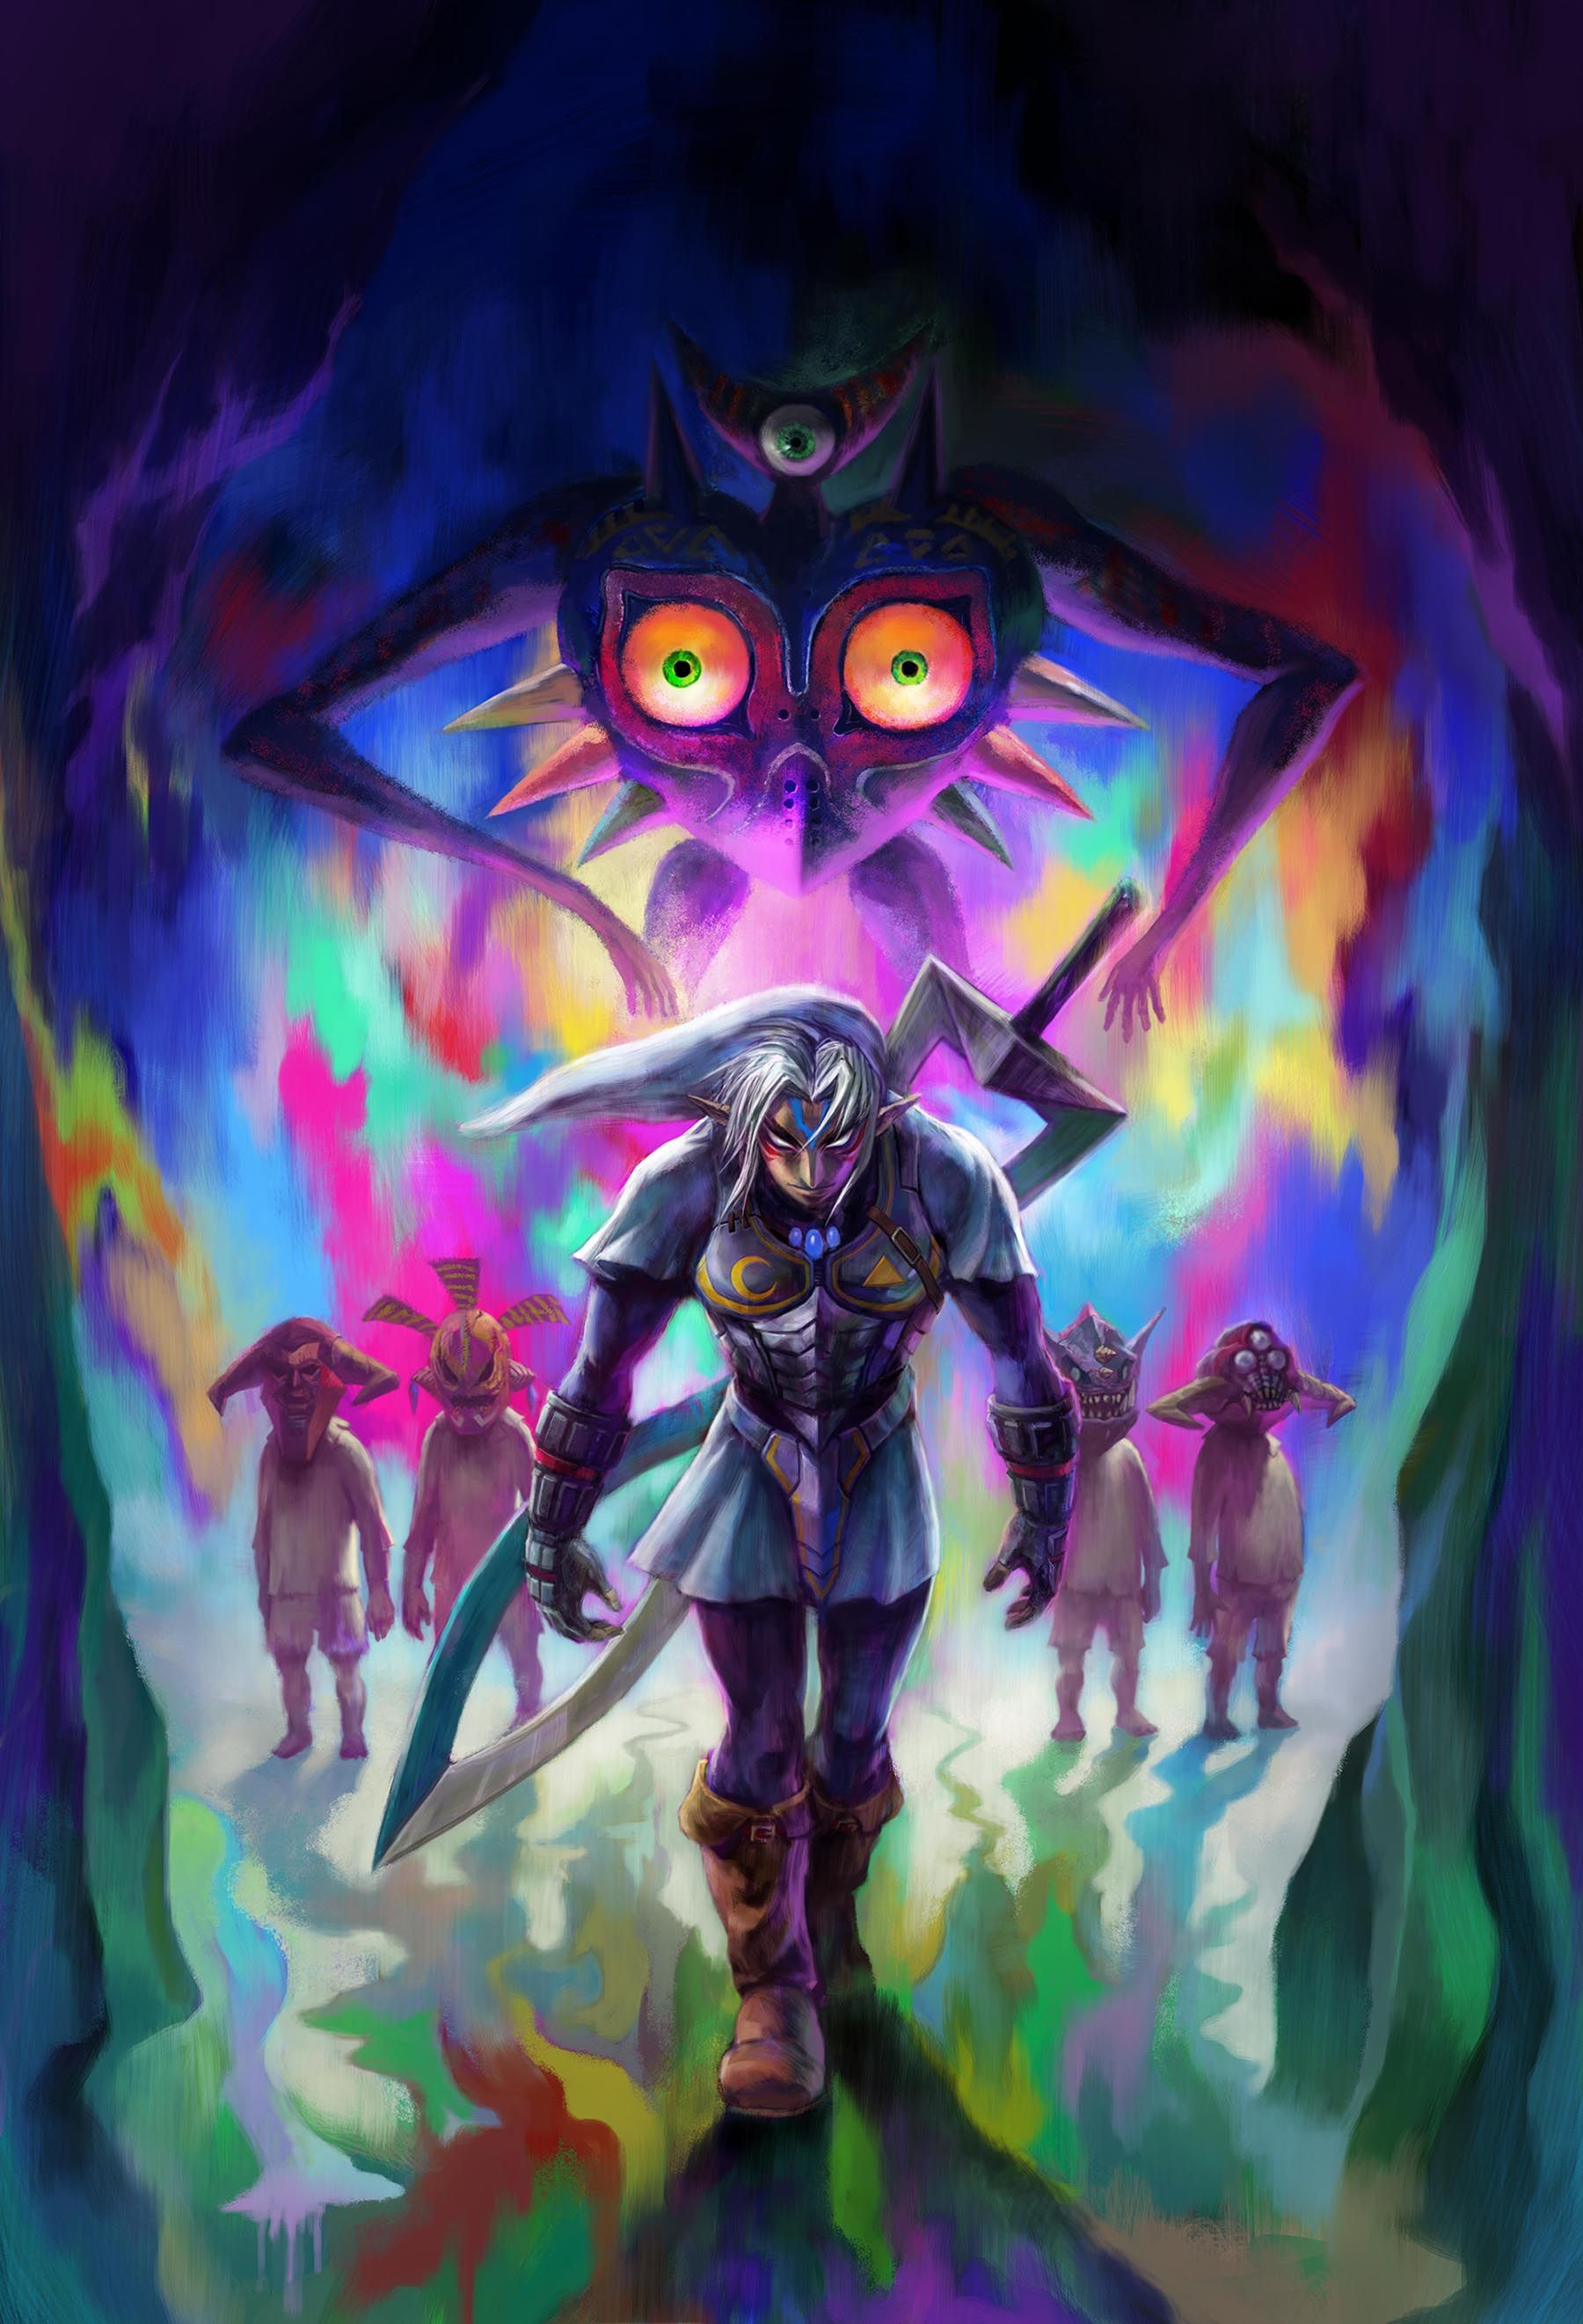 The Legend Of Zelda Majora S Mask 3d Zelda Art Legend Of Zelda Anime The legend of zelda majoras mask